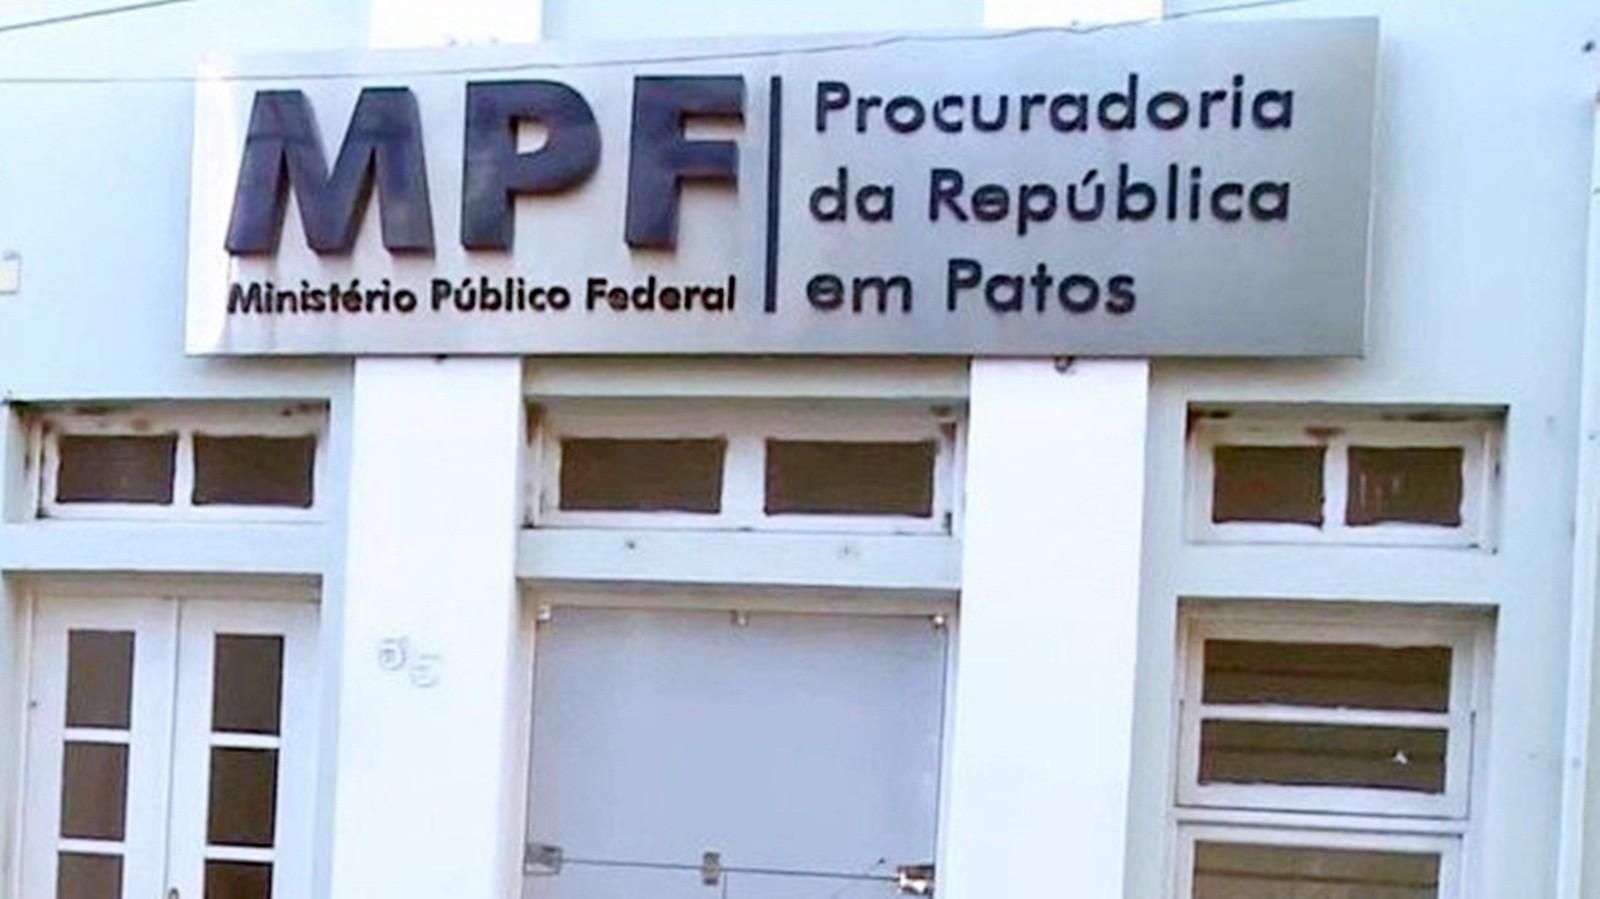 Obra da Vila Olímpica de Patos, PB, é investigada pelo MPF